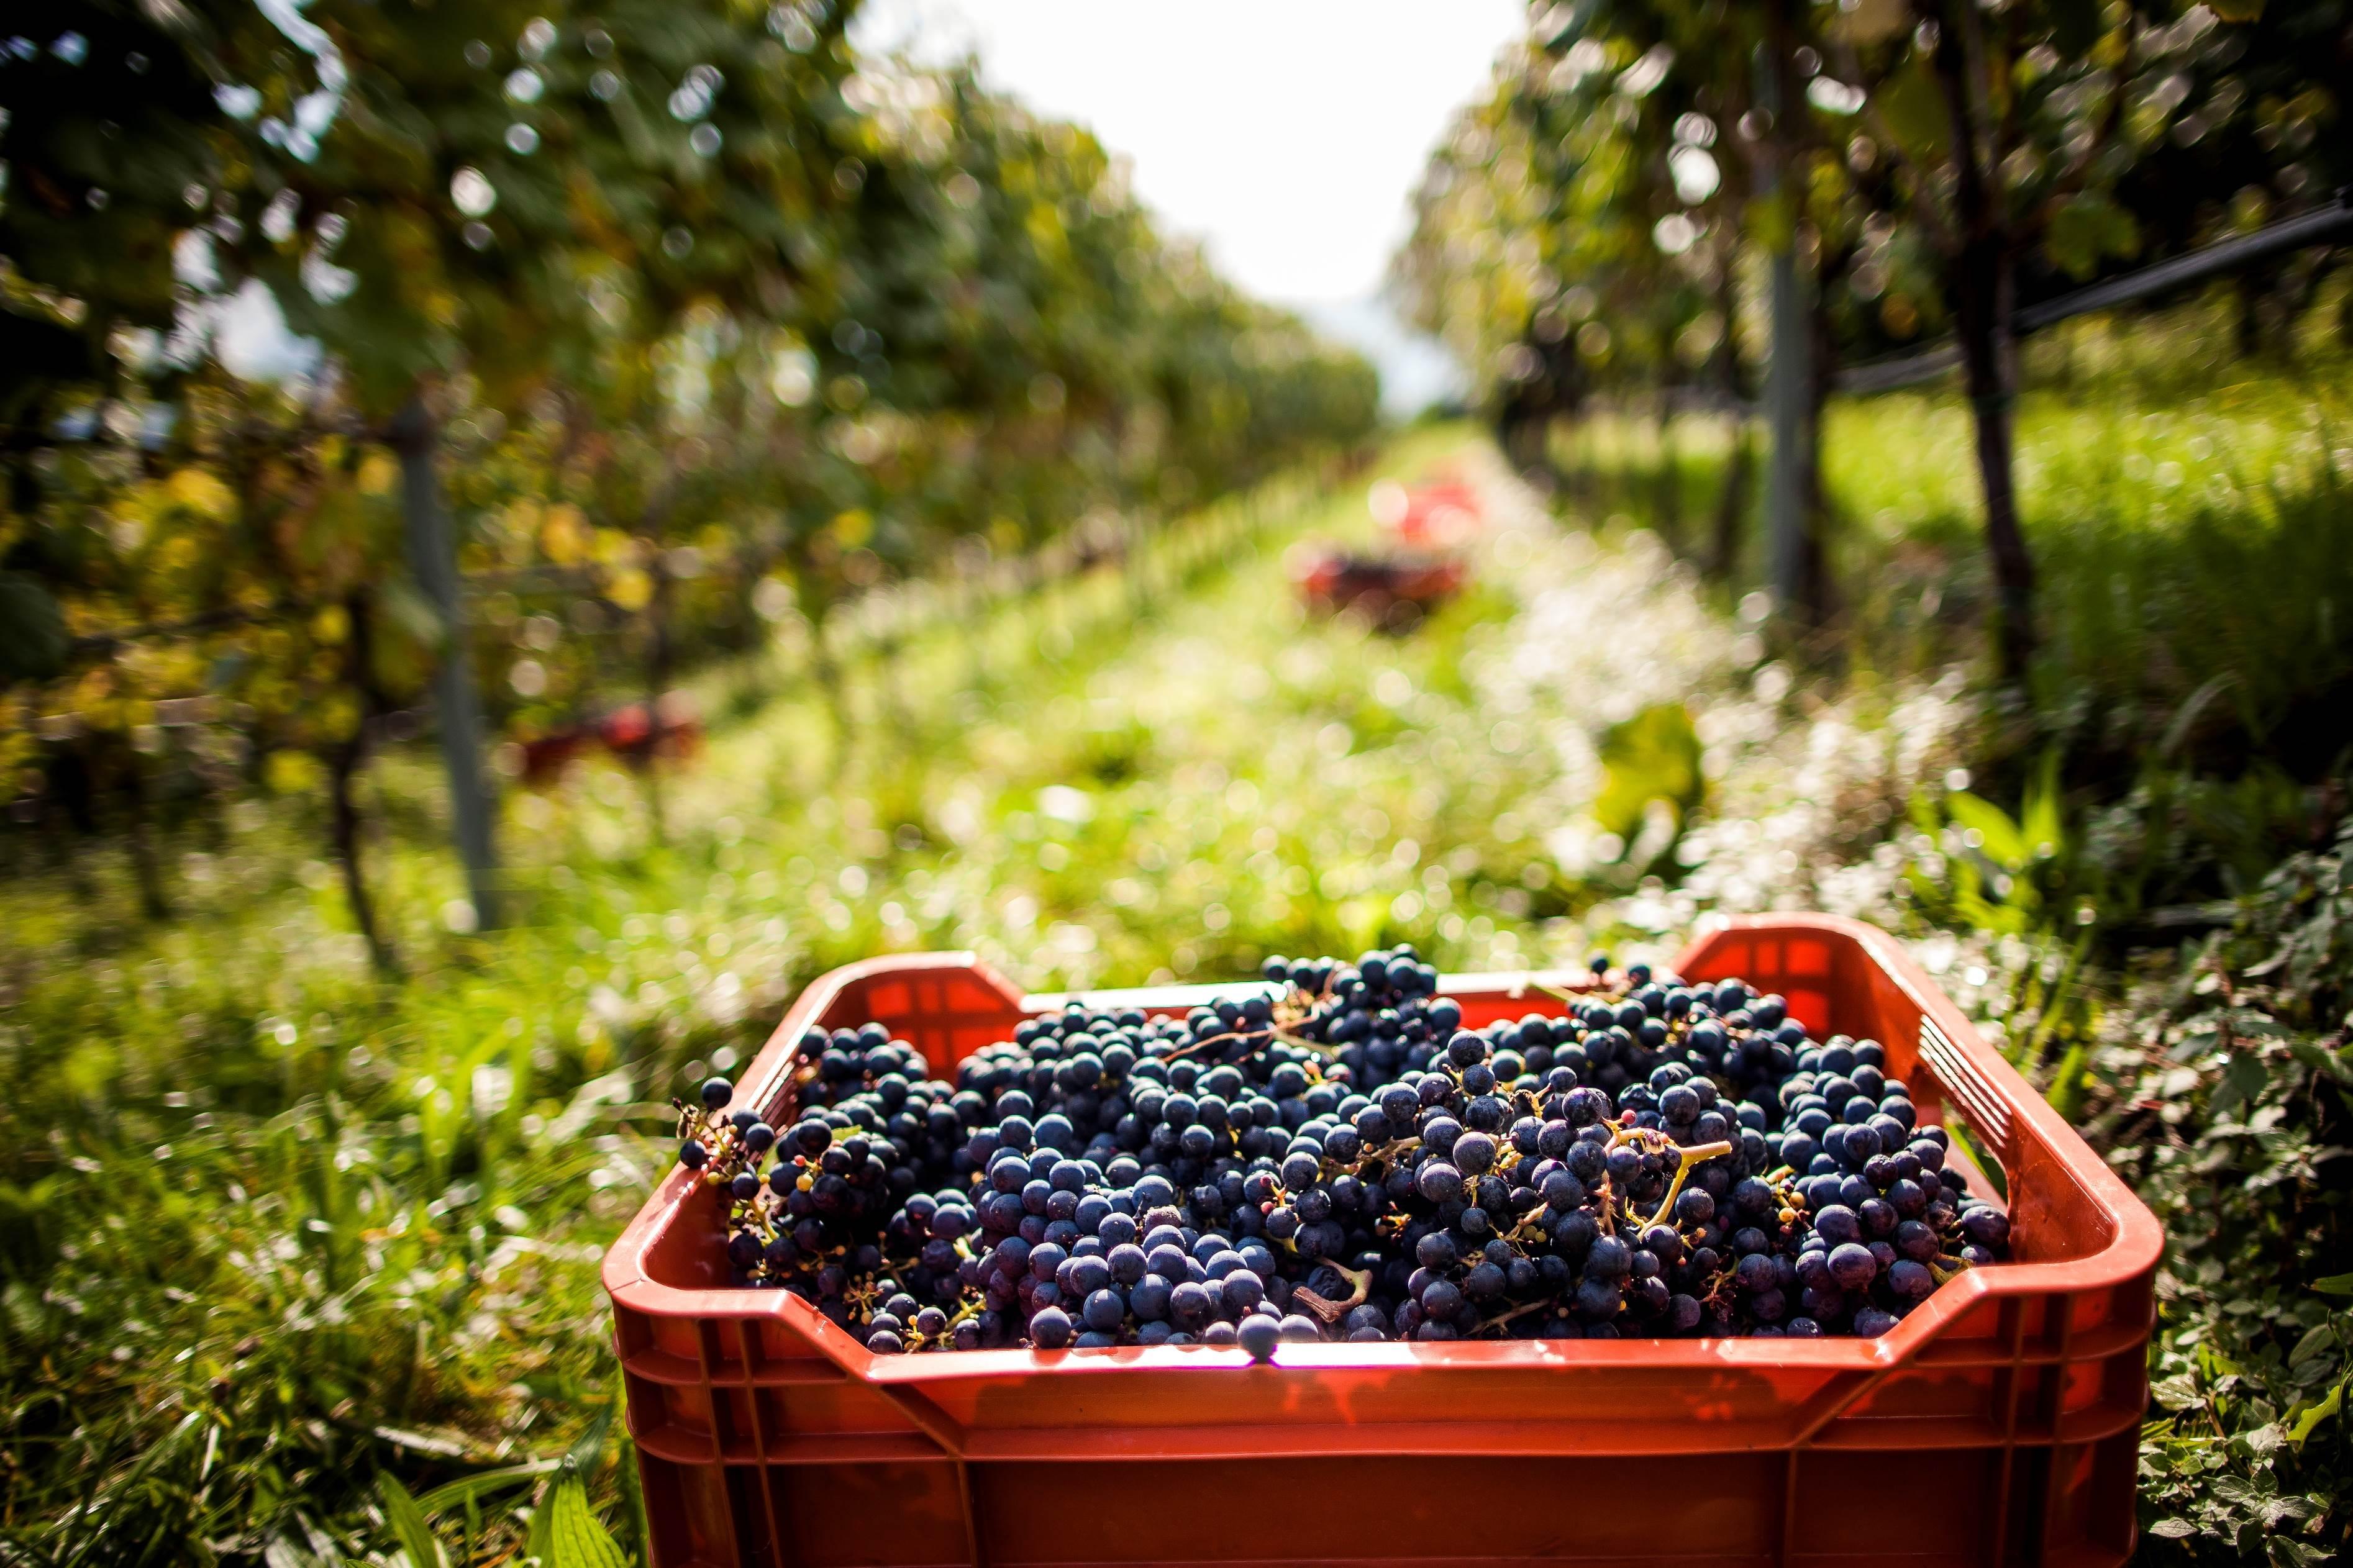 Vendemmia 2017 in Alto Adige: in calo le rese, buona la qualità